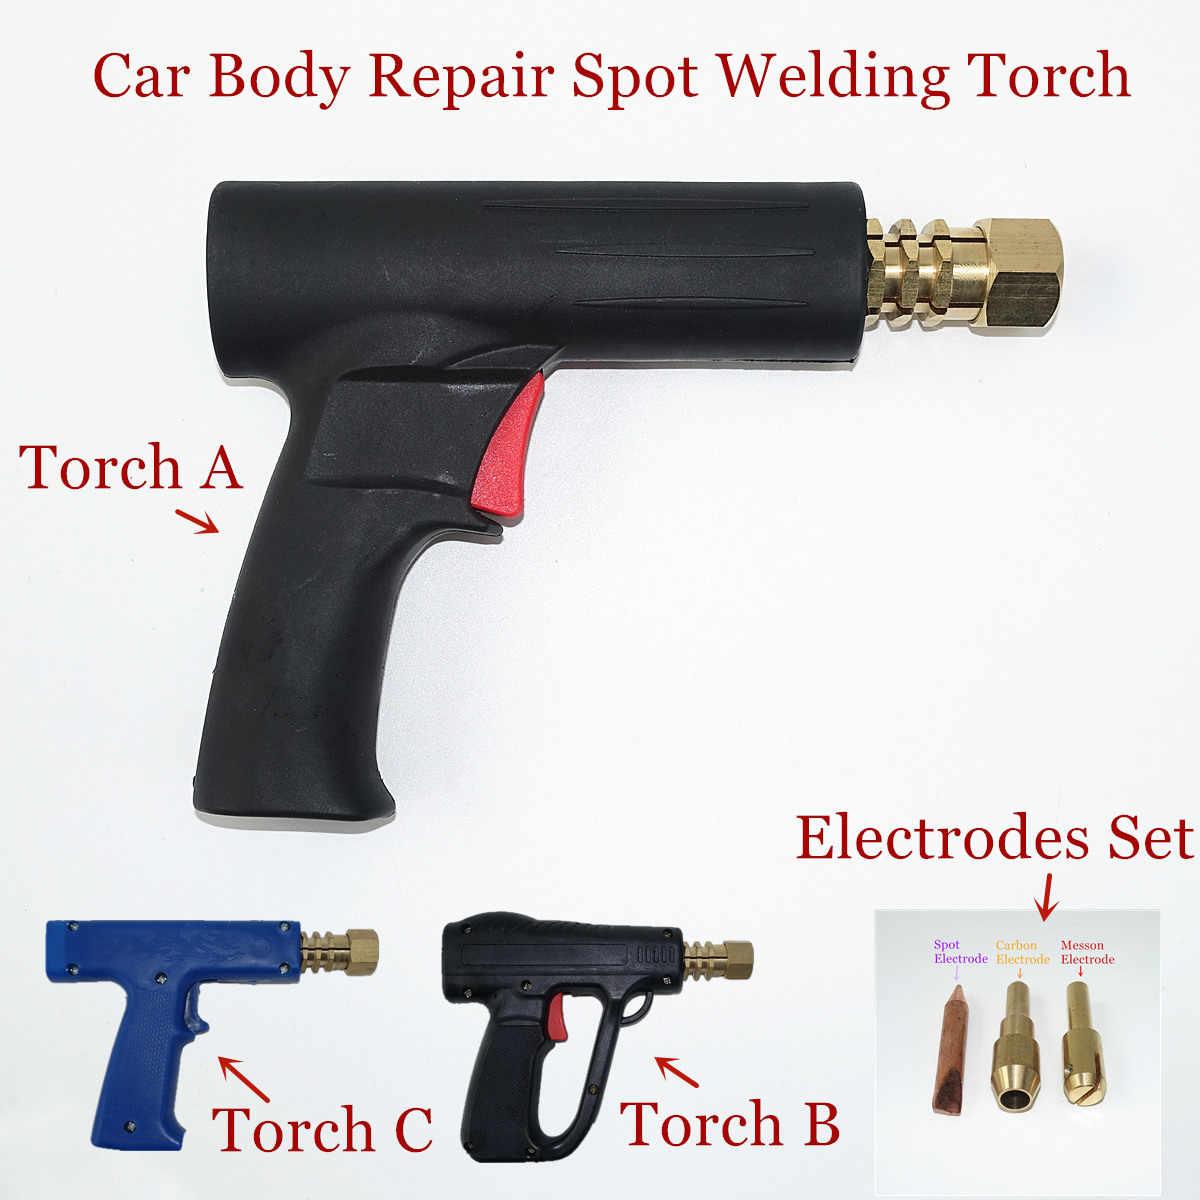 Фонарь для ремонта кузова автомобиля, фонарь для вытягивания вмятин, шайба, волнистая проволока, карбоновый лист для гаража, металлический ремонтный точечный сварочный фонарь